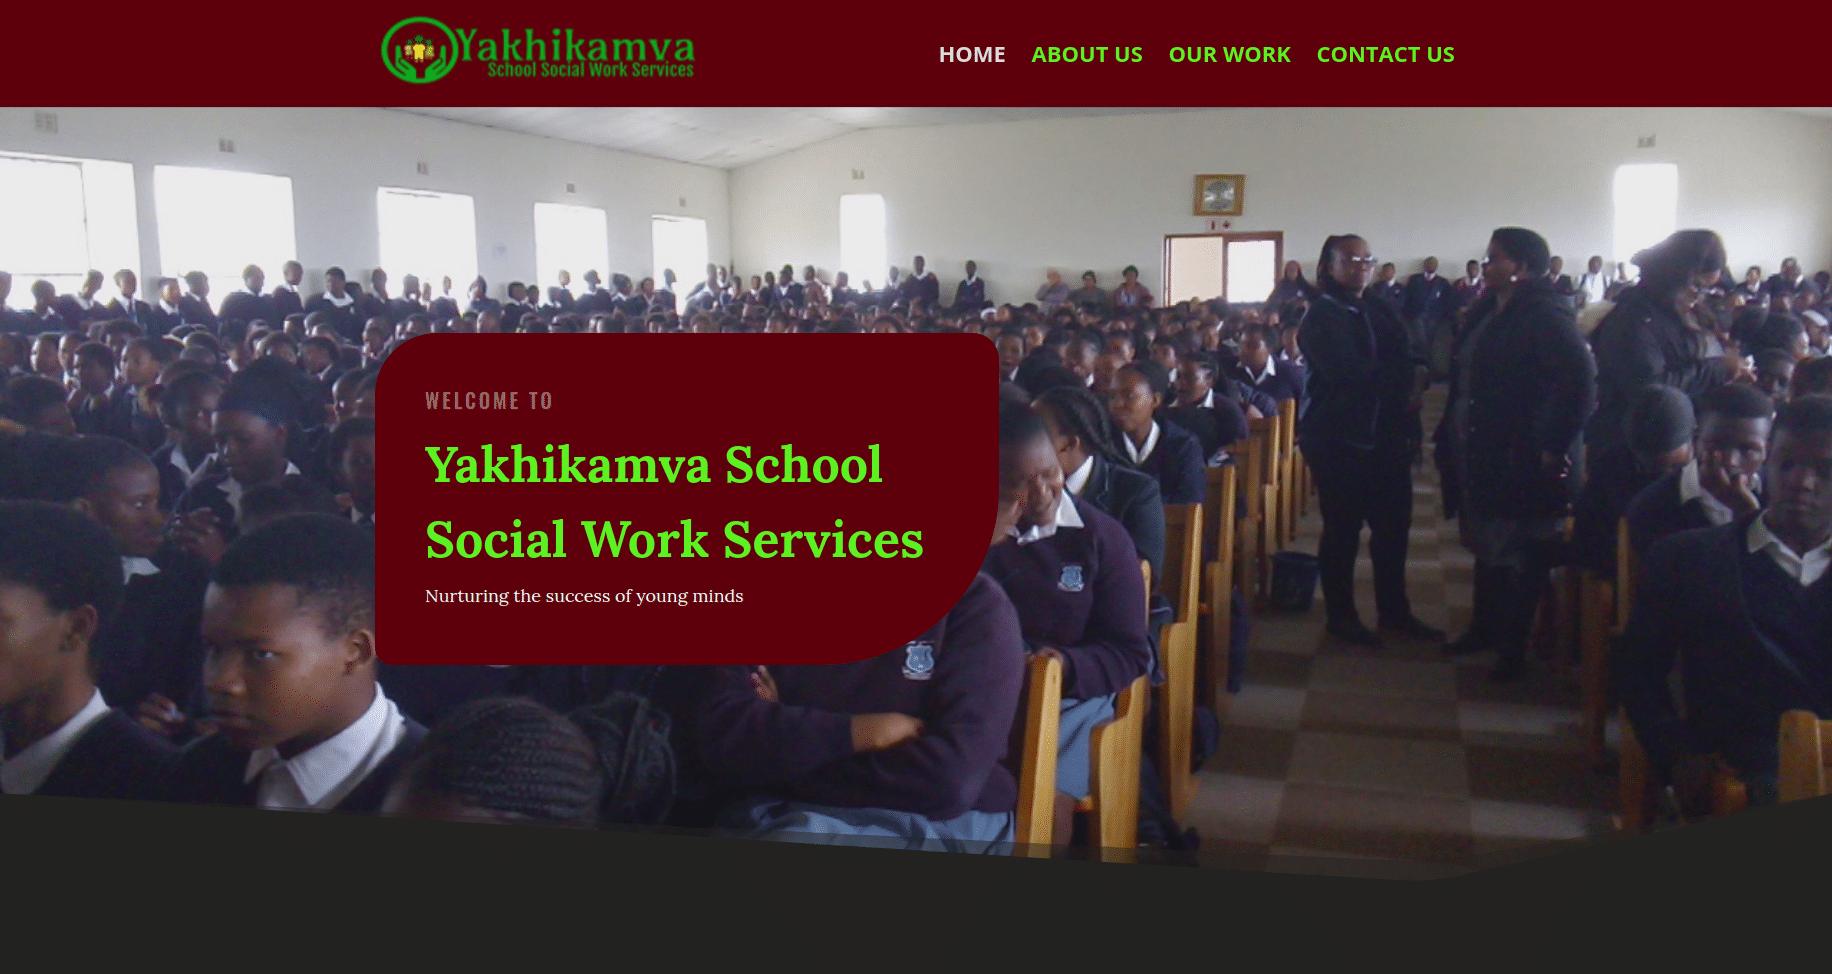 Yakhikamva Budget Website Design